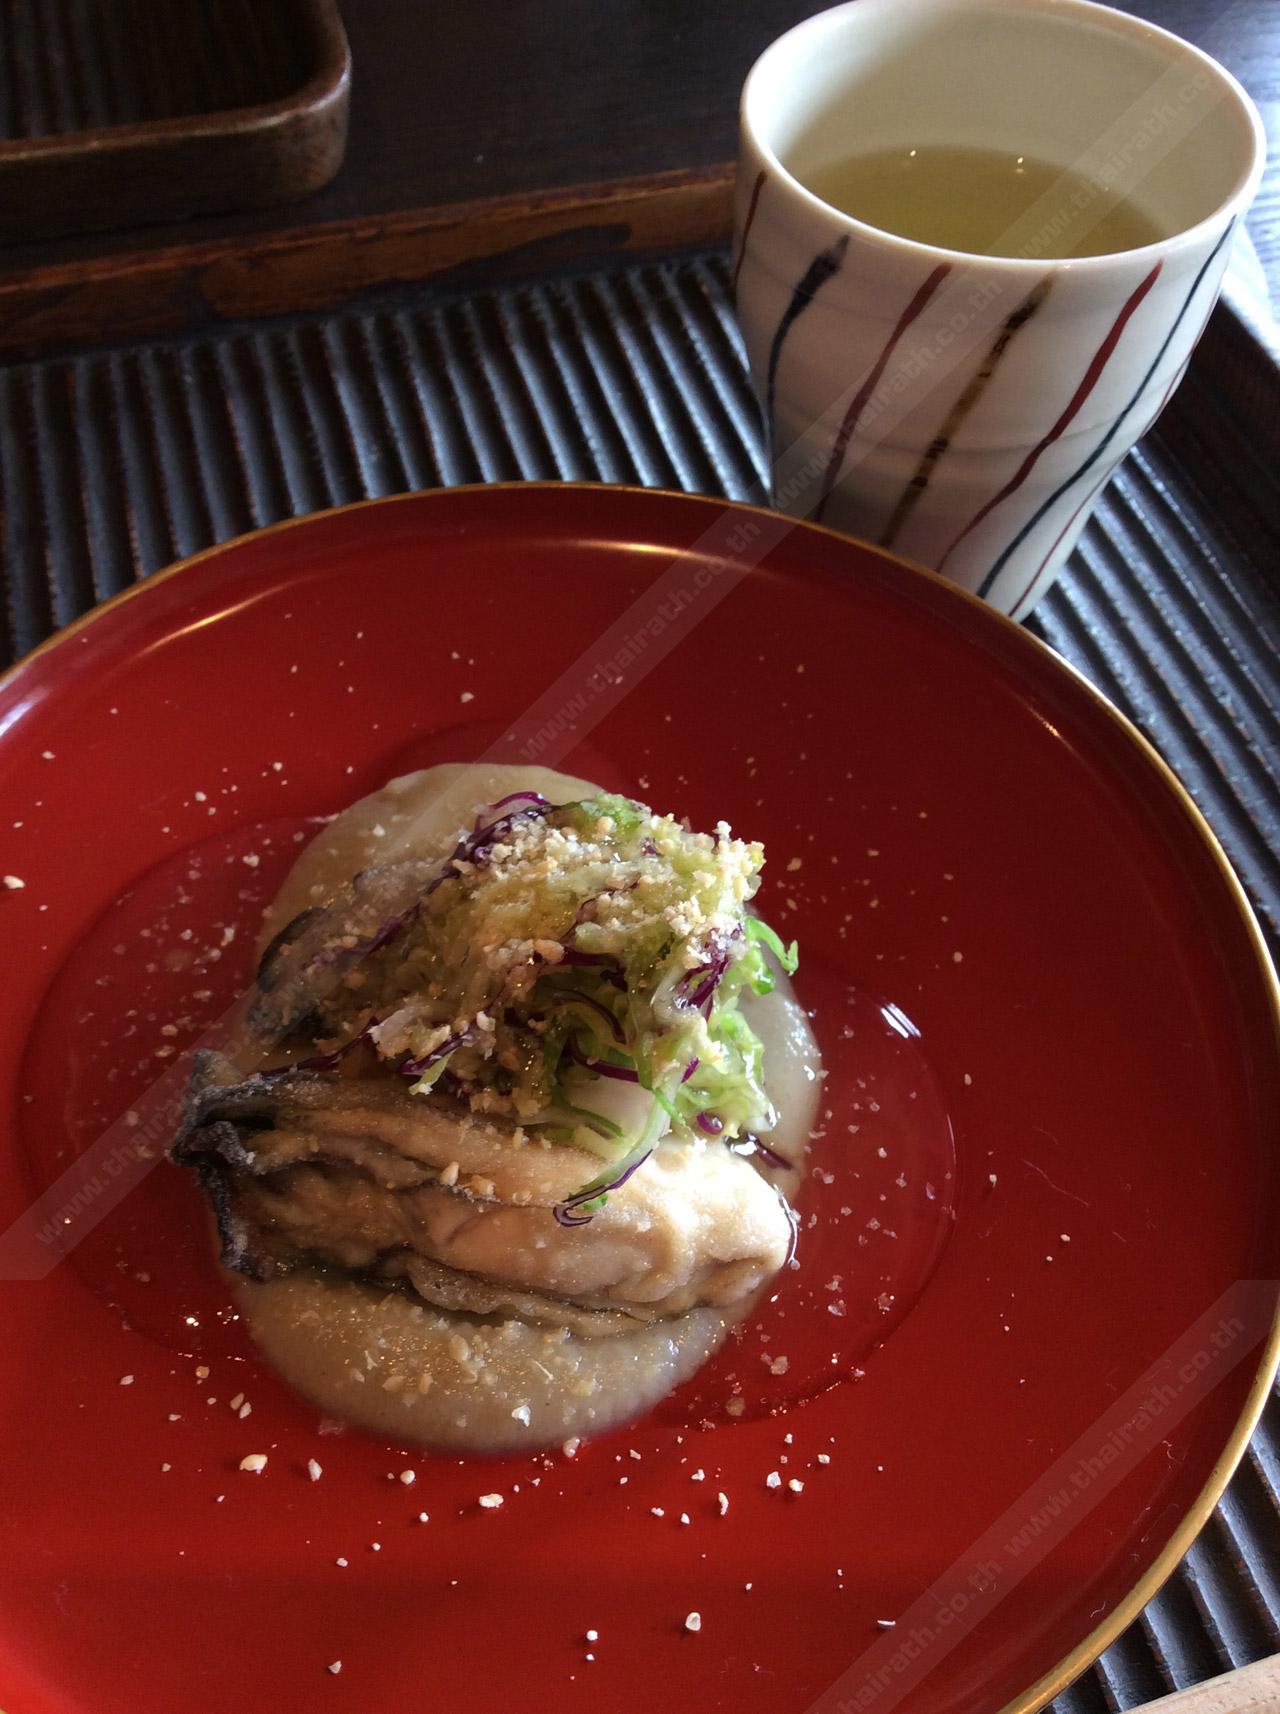 หอยนางรมทอด ของทอดในเซตไคเซกิ